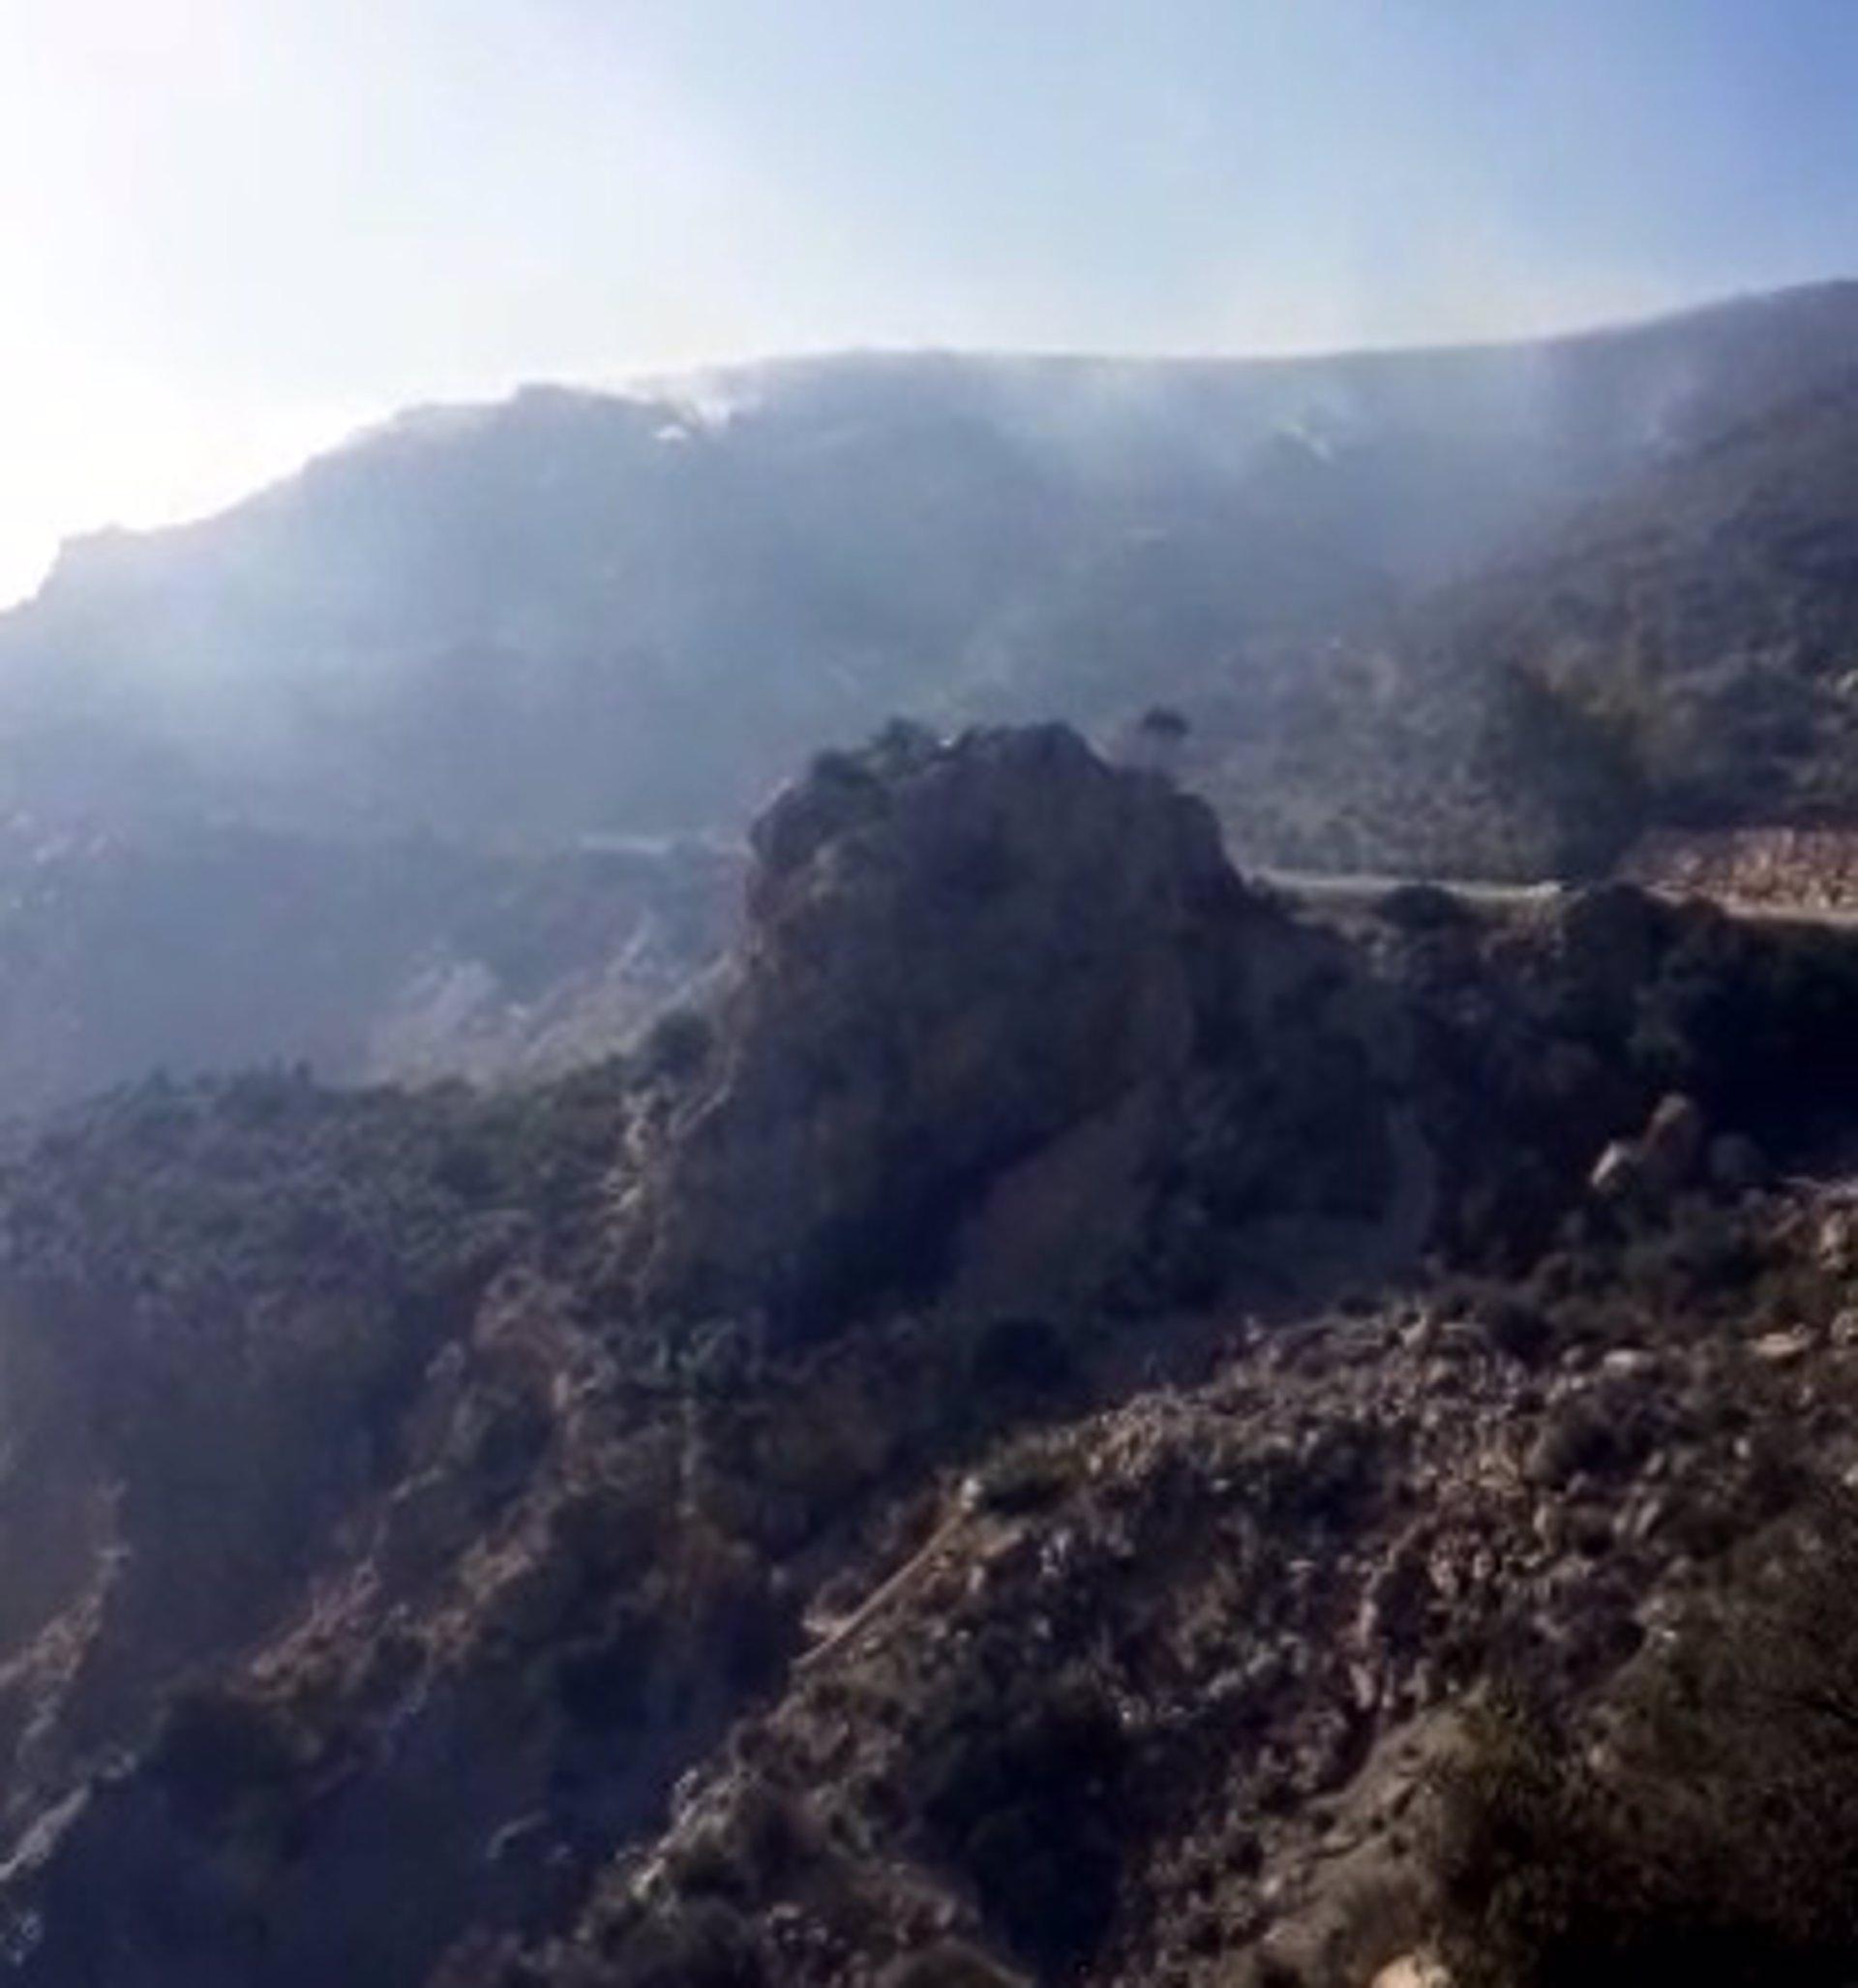 Extinguido un incendio forestal declarado en la tarde del sábado en Gualchos, entre la A-7 y la N-340